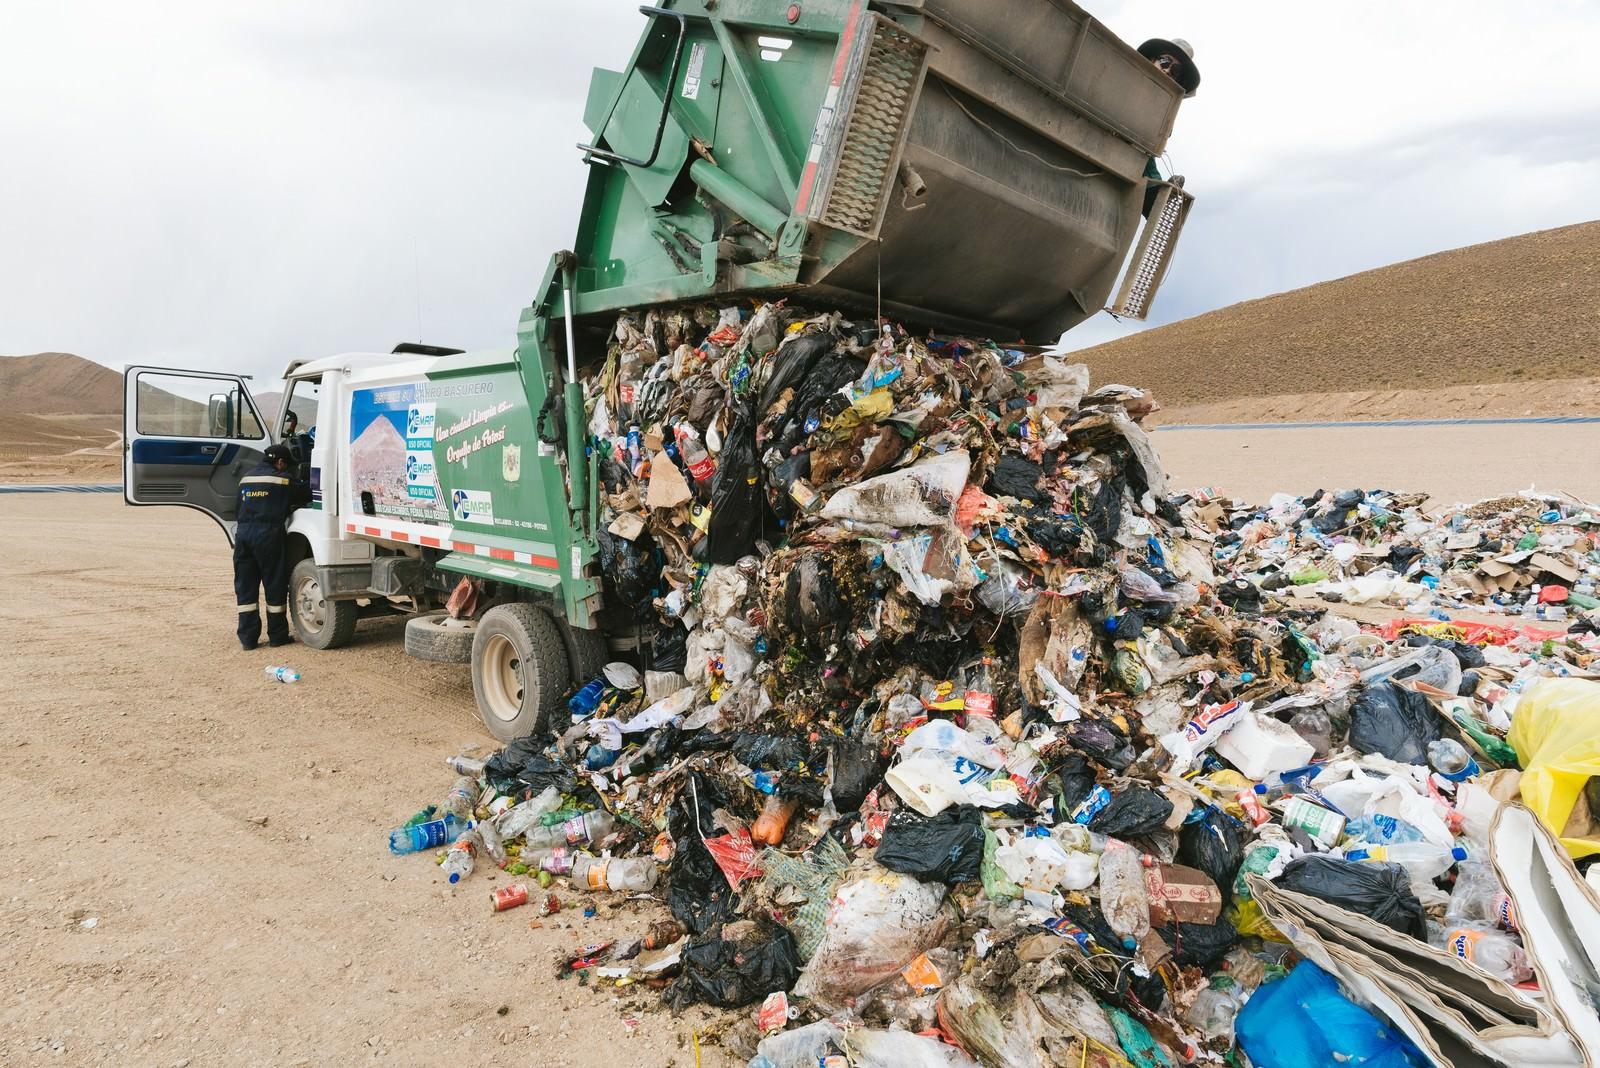 「ゴミ収集車の大量の廃棄物(ウユニ市の現状)」の写真